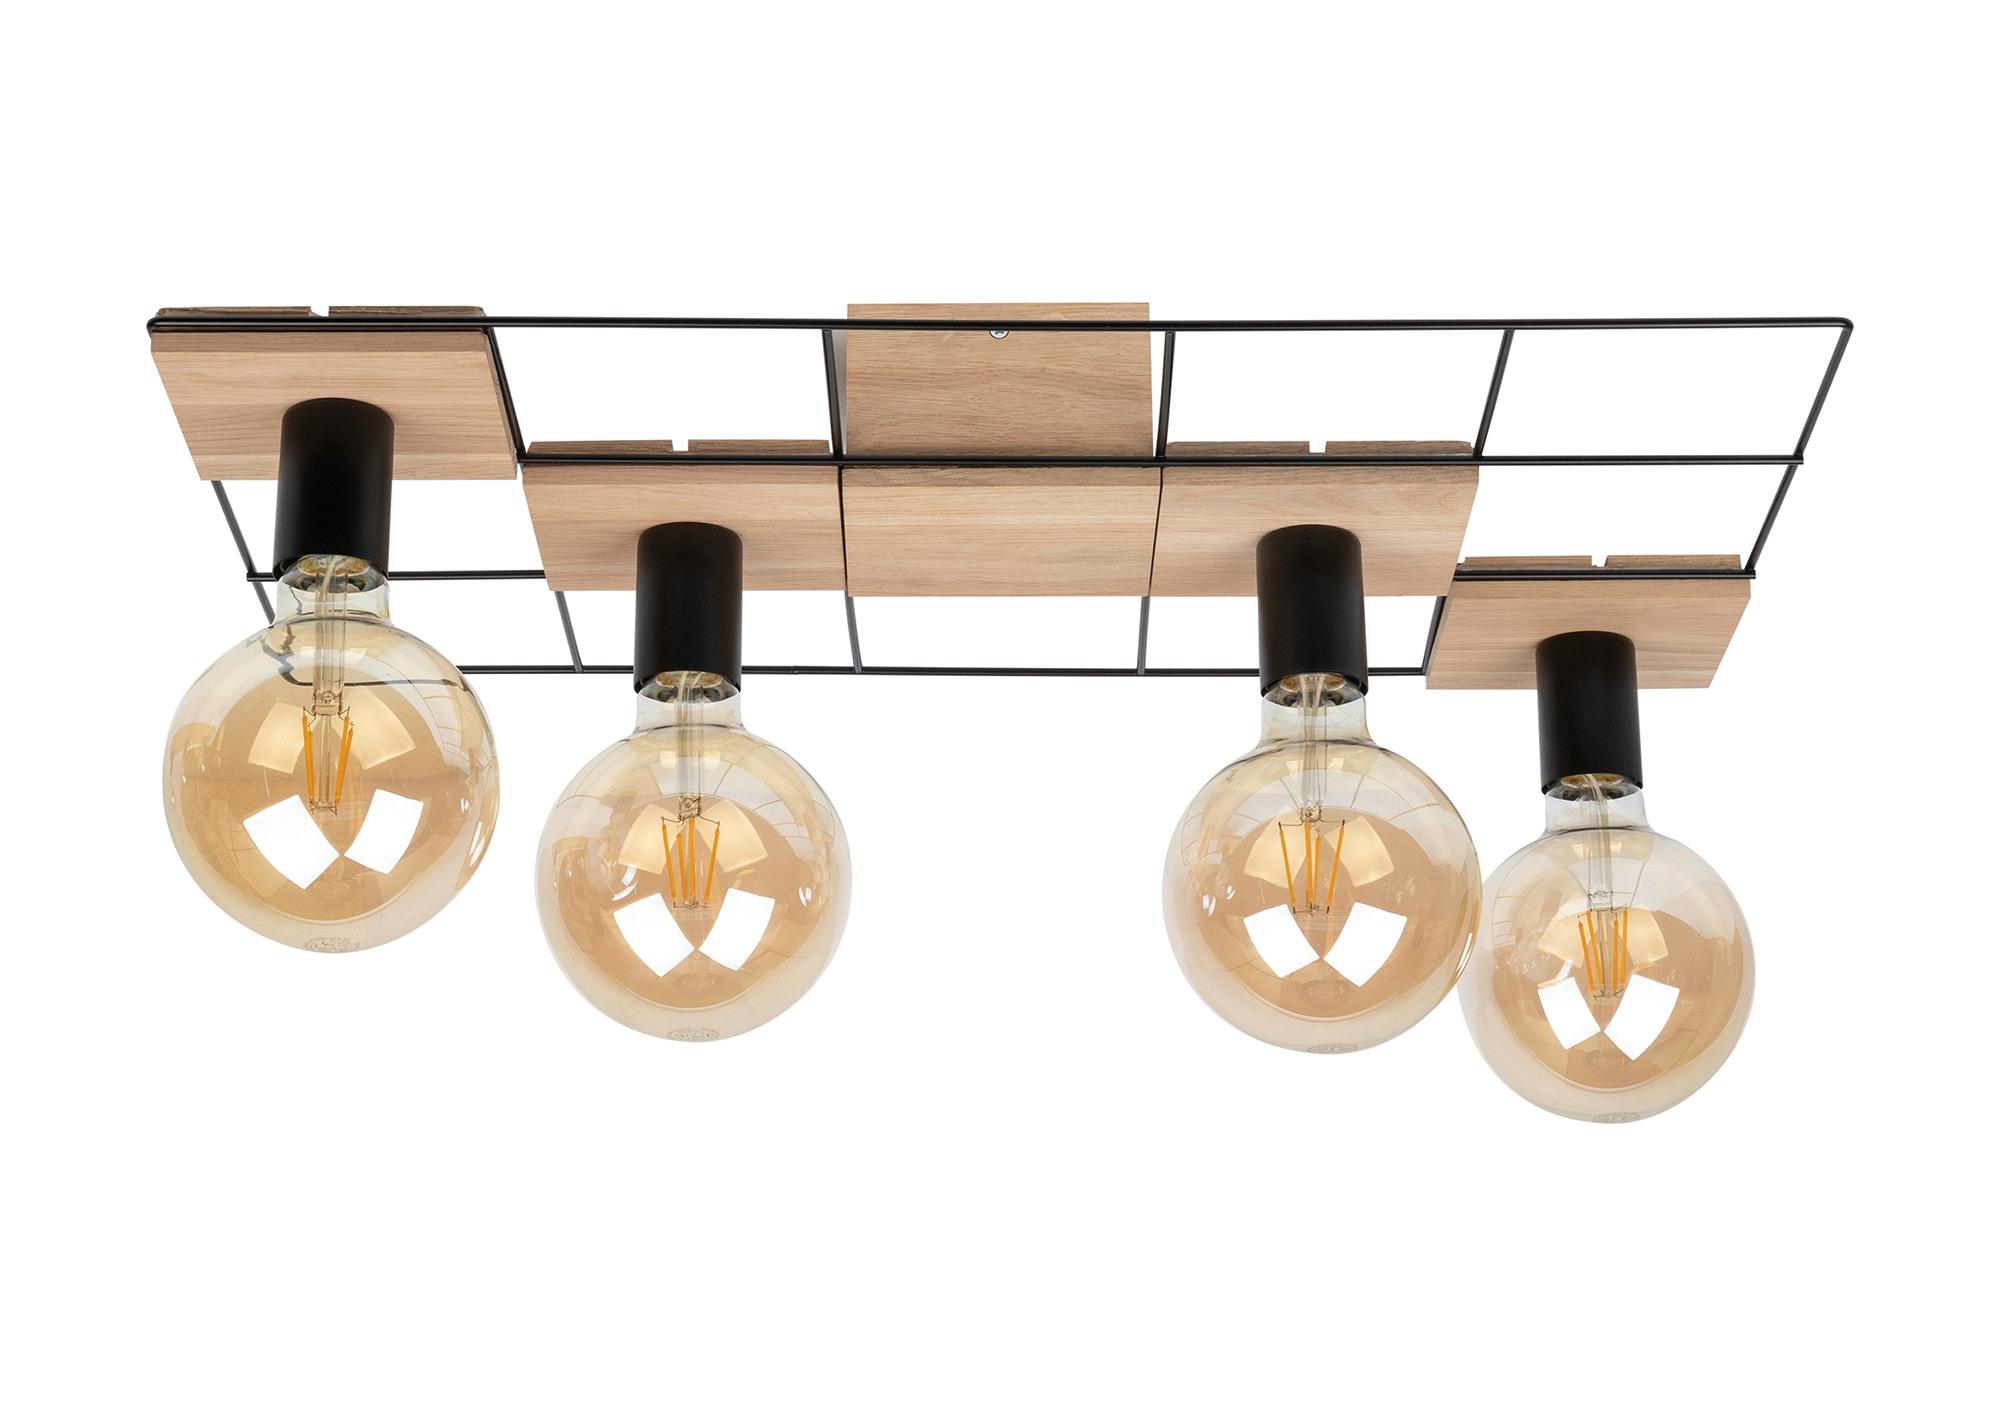 SPOT Light Deckenleuchte CHESTER, E27, Modernes Design, aus Eichenholz und Metall, passende LM E27 / exclusive, Nachhaltig, Made in Europe